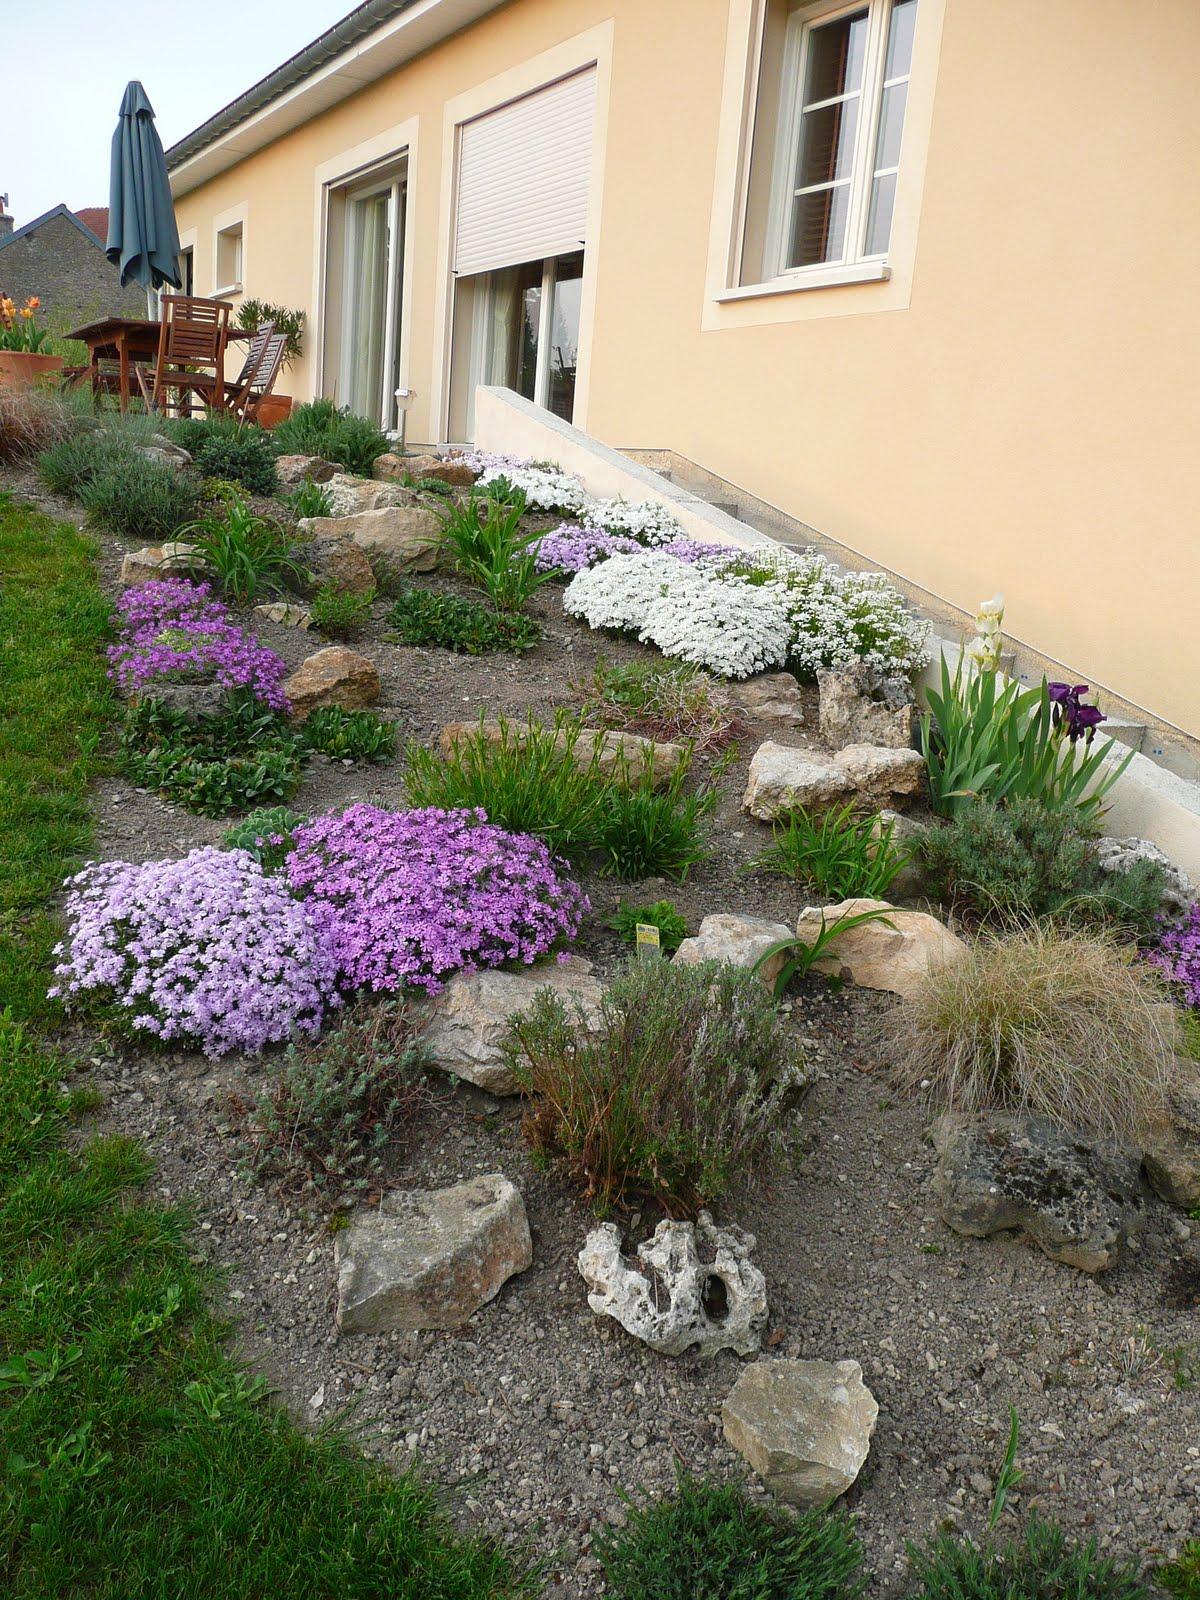 Notre jardin secret la rocaille aux couleurs du printemps for O jardin secret suresnes